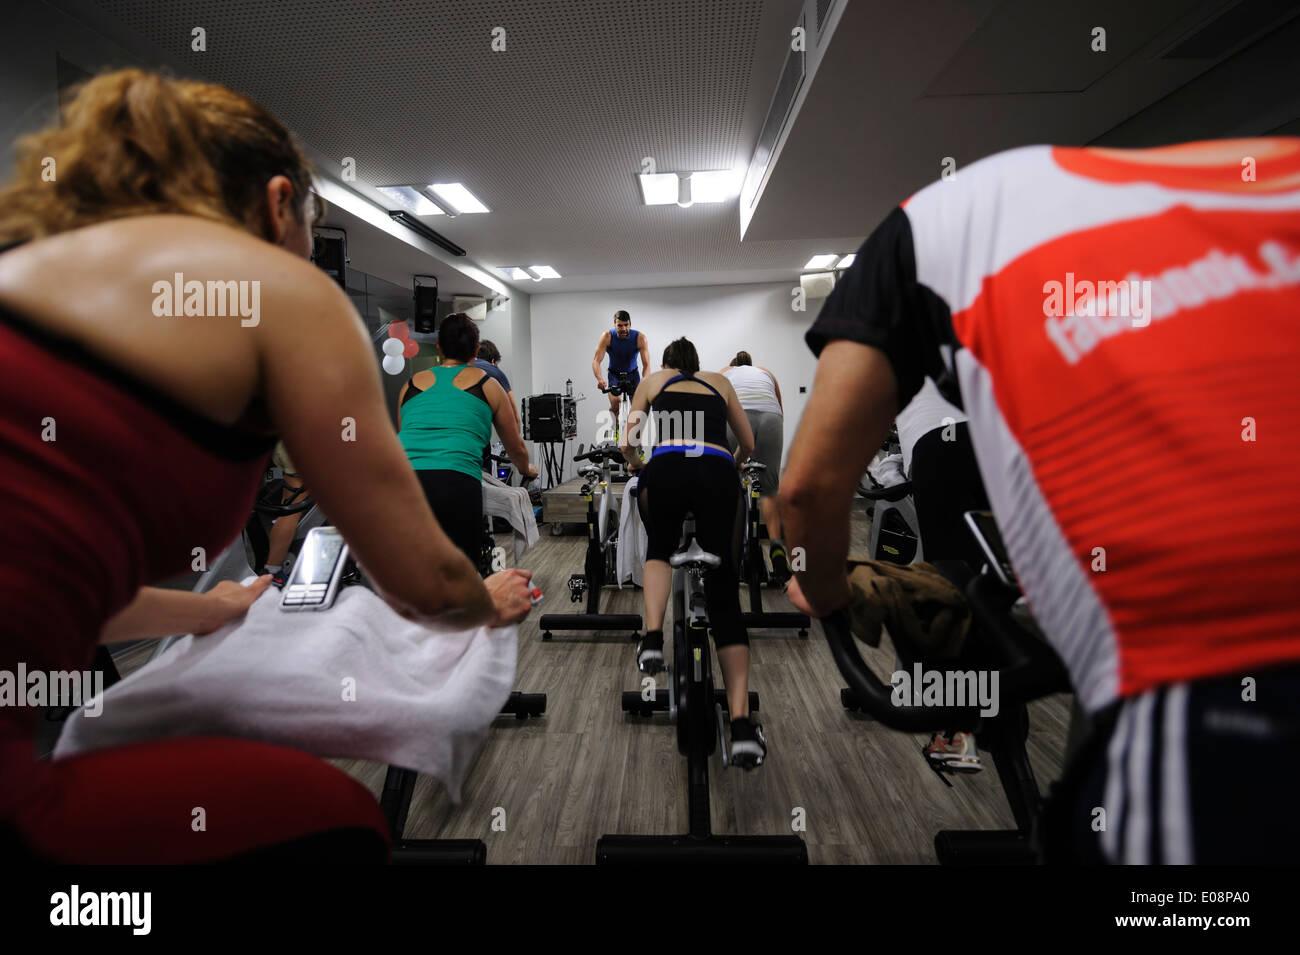 Vista desde la parte de atrás de la gente montando bicicleta estacionaria durante una clase de spinning en el gimnasio Imagen De Stock